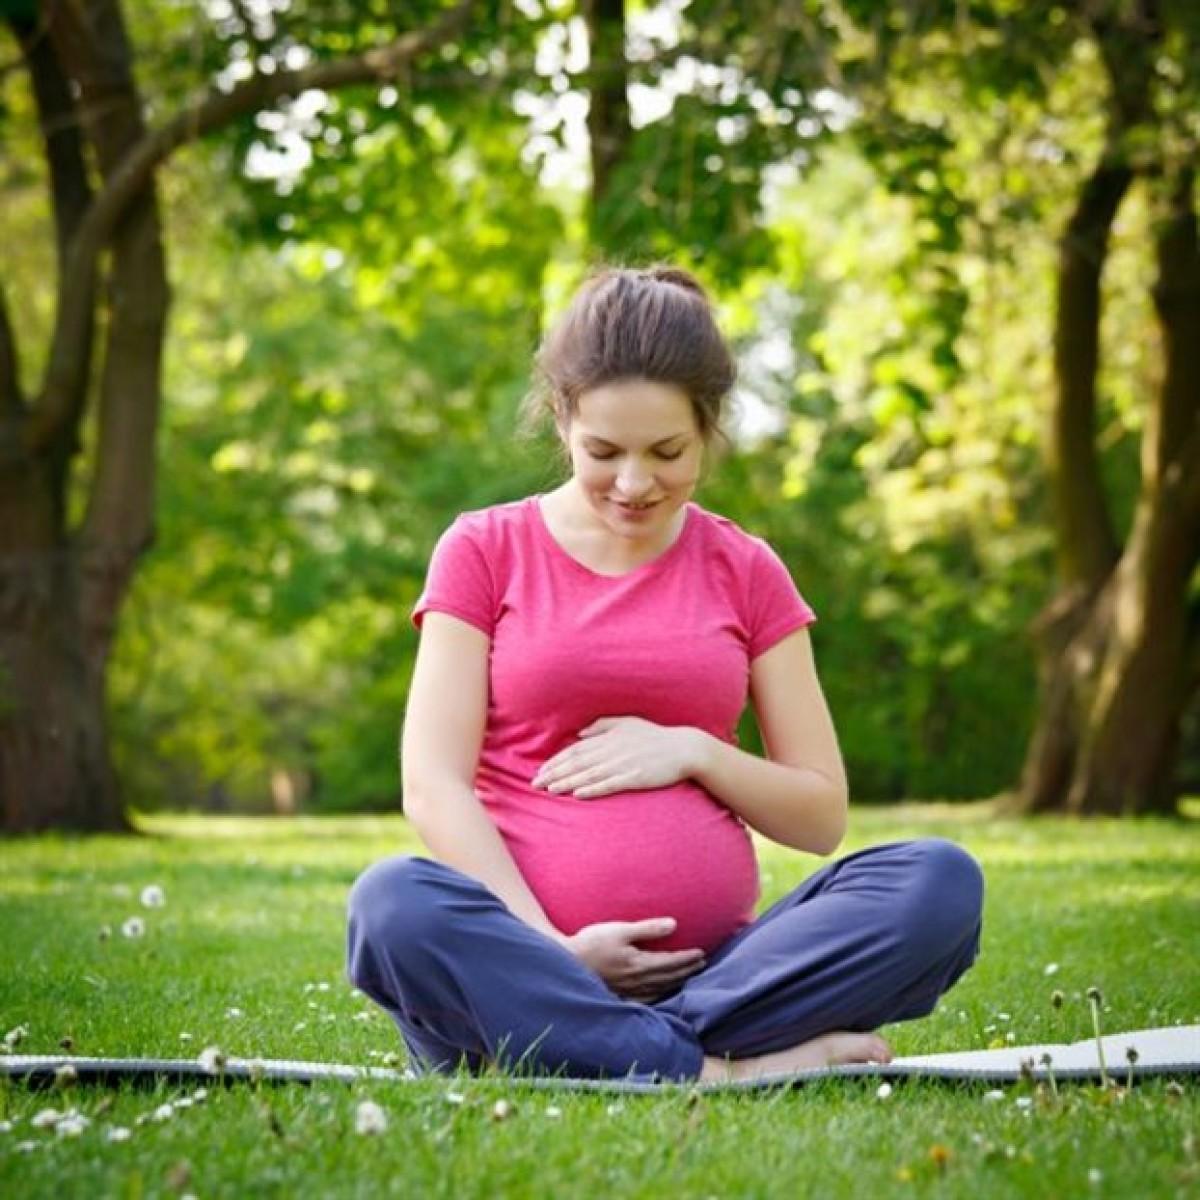 Τα πέντε ζητήματα υγείας που απασχολούν περισσότερο τις γυναίκες